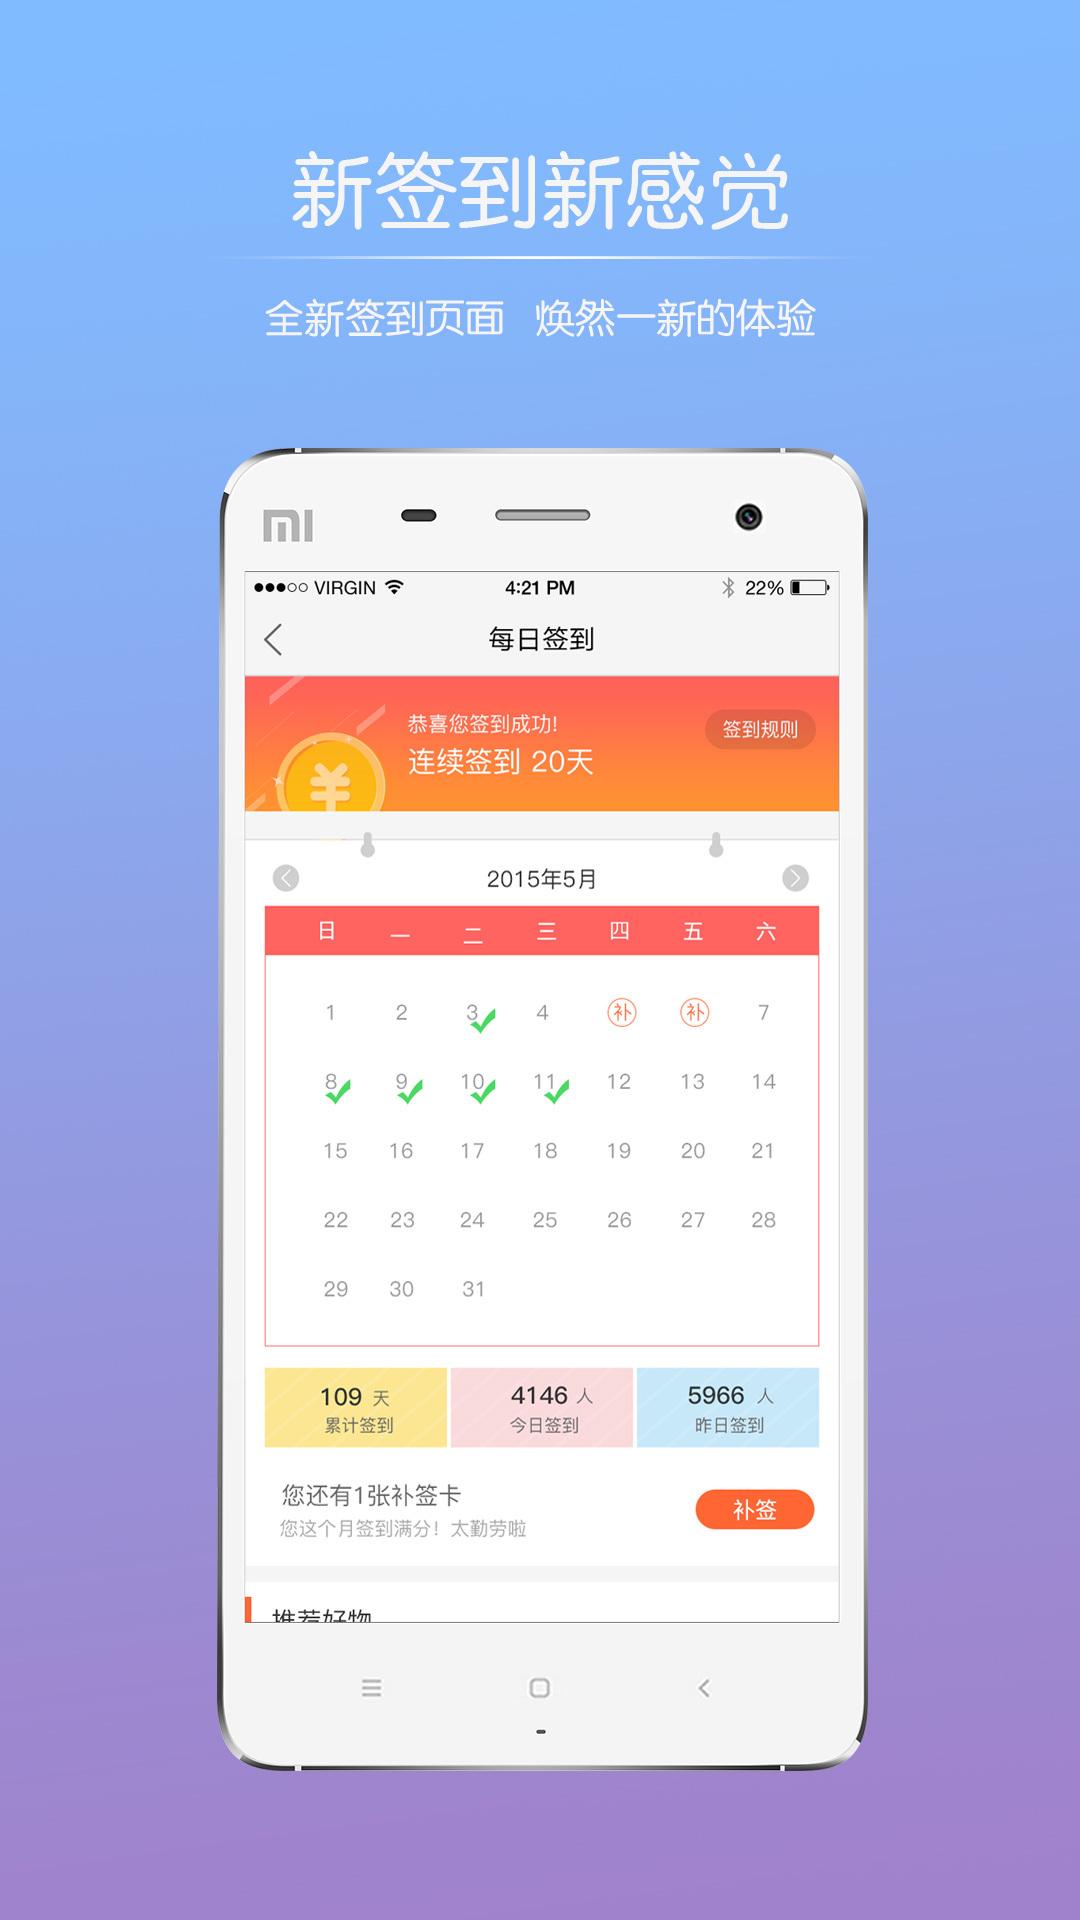 洪雅论坛app官方下载客户端图3: